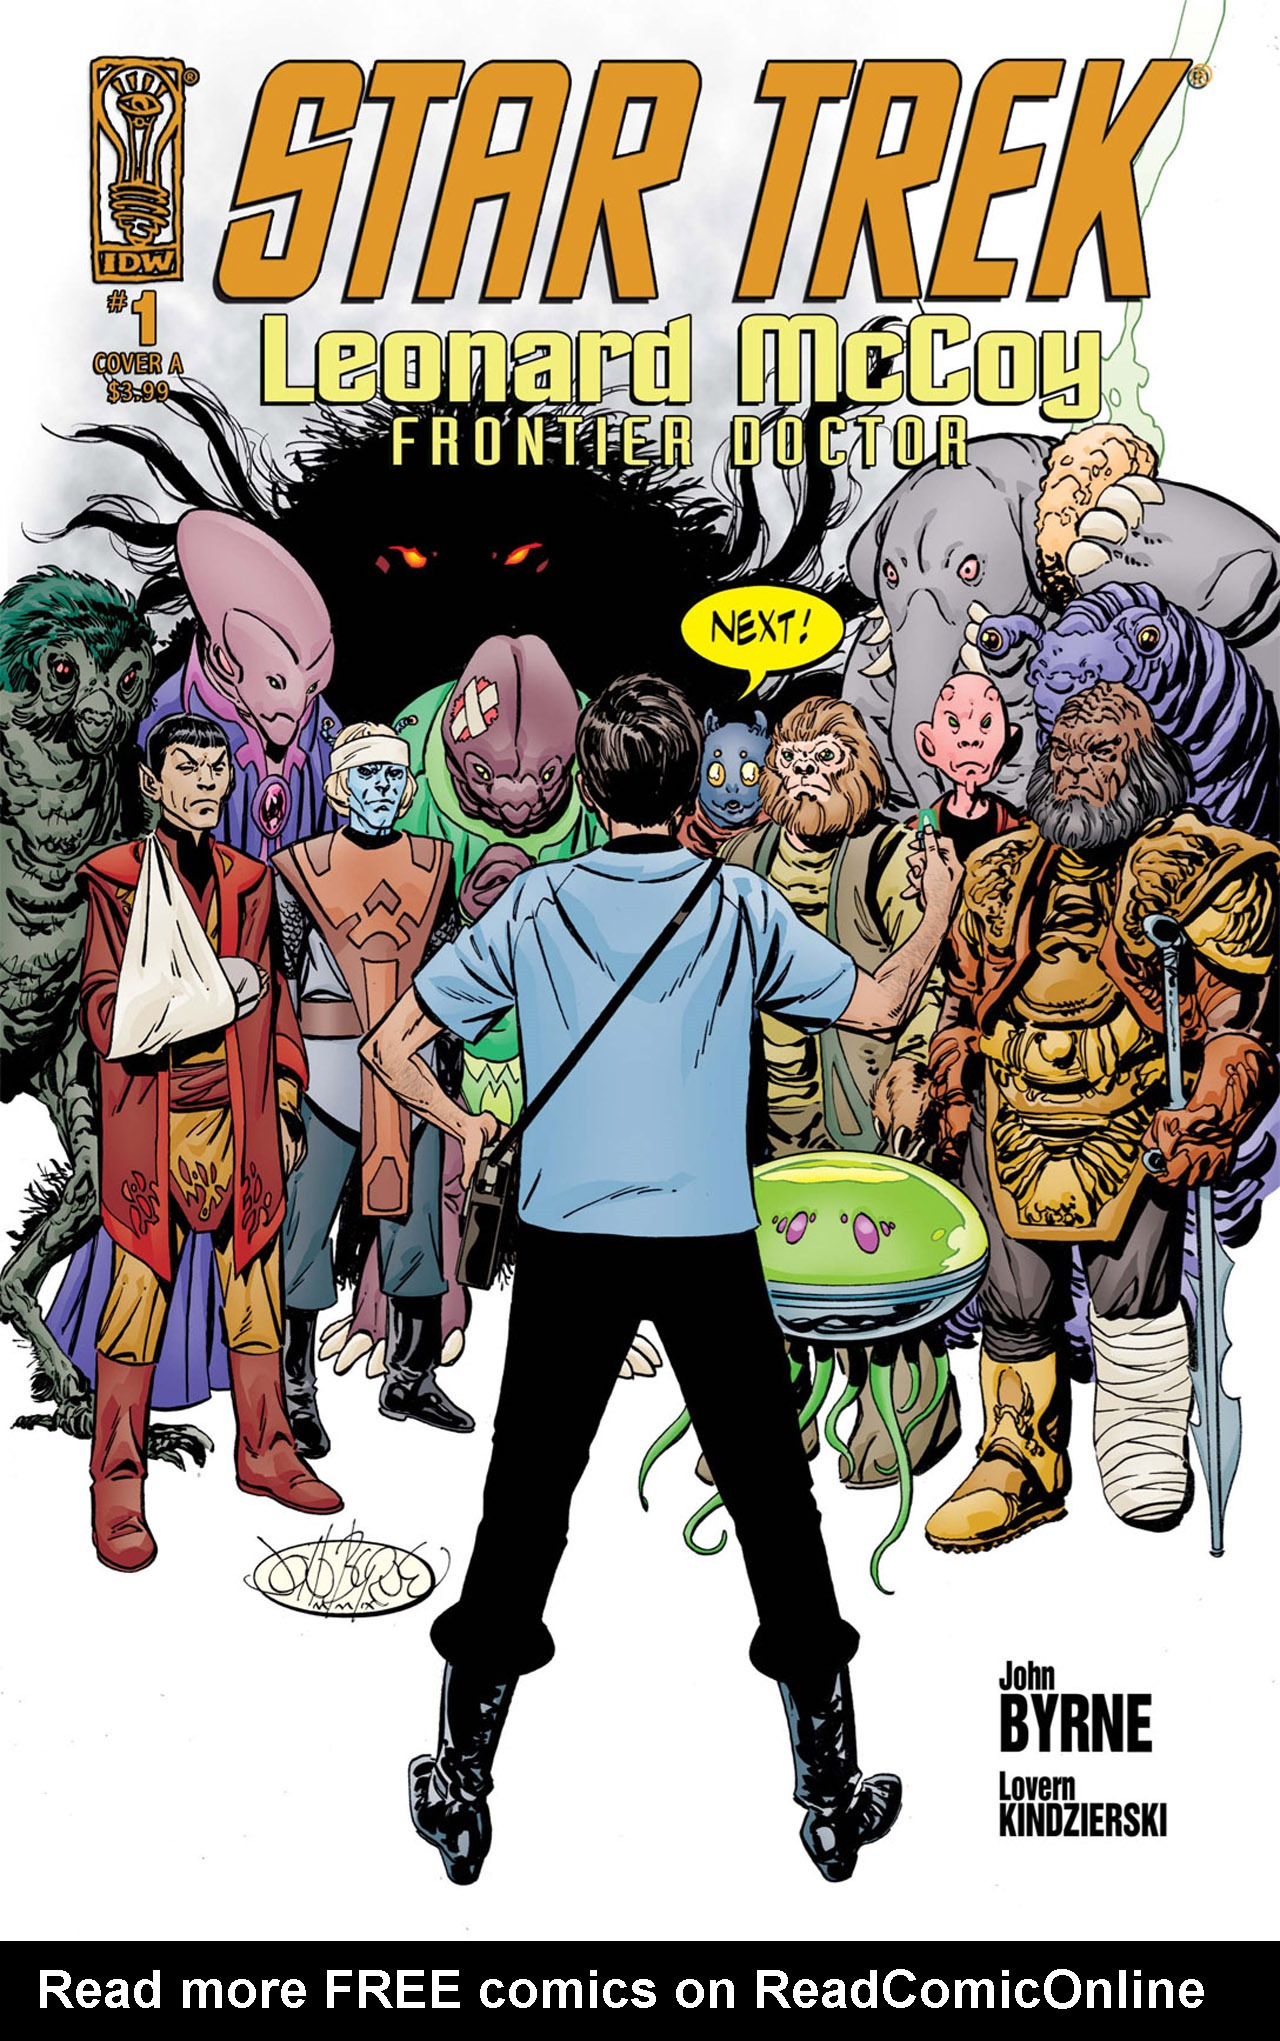 Read online Star Trek: Leonard McCoy, Frontier Doctor comic -  Issue #1 - 1